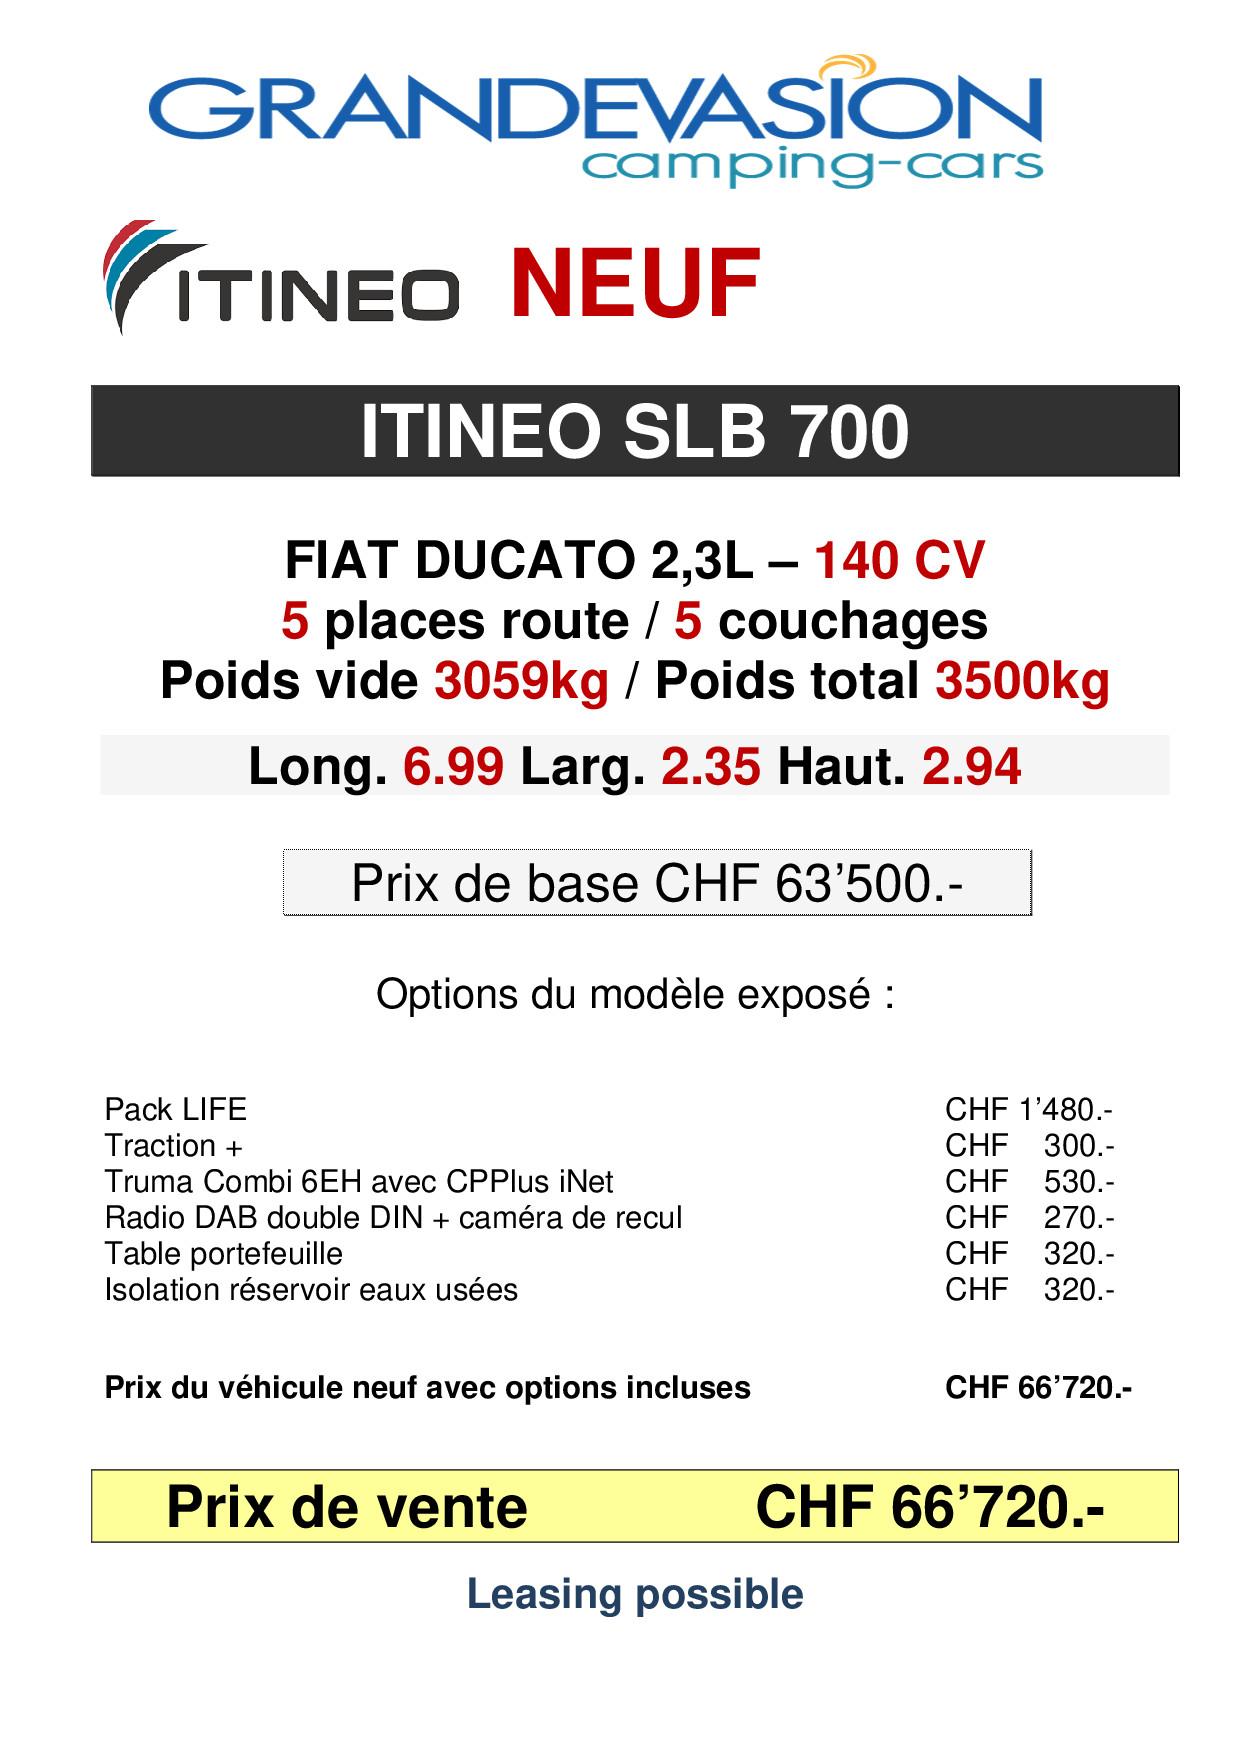 ITINEO SLB700 - MODELE 2020_p001